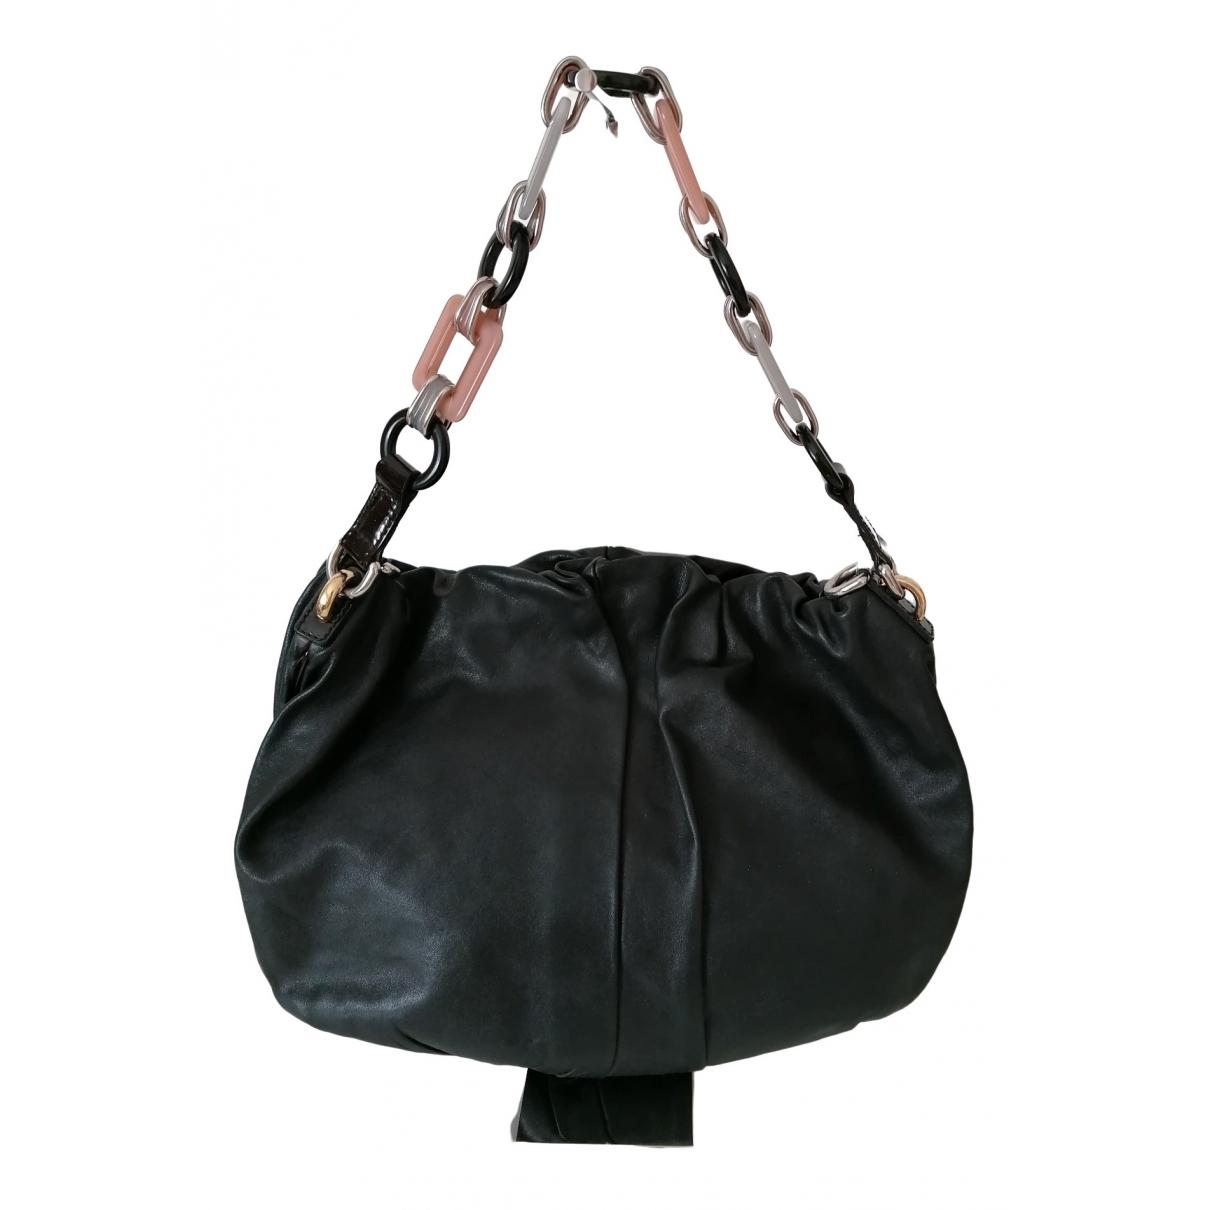 Dolce & Gabbana - Sac de voyage   pour femme en cuir - noir